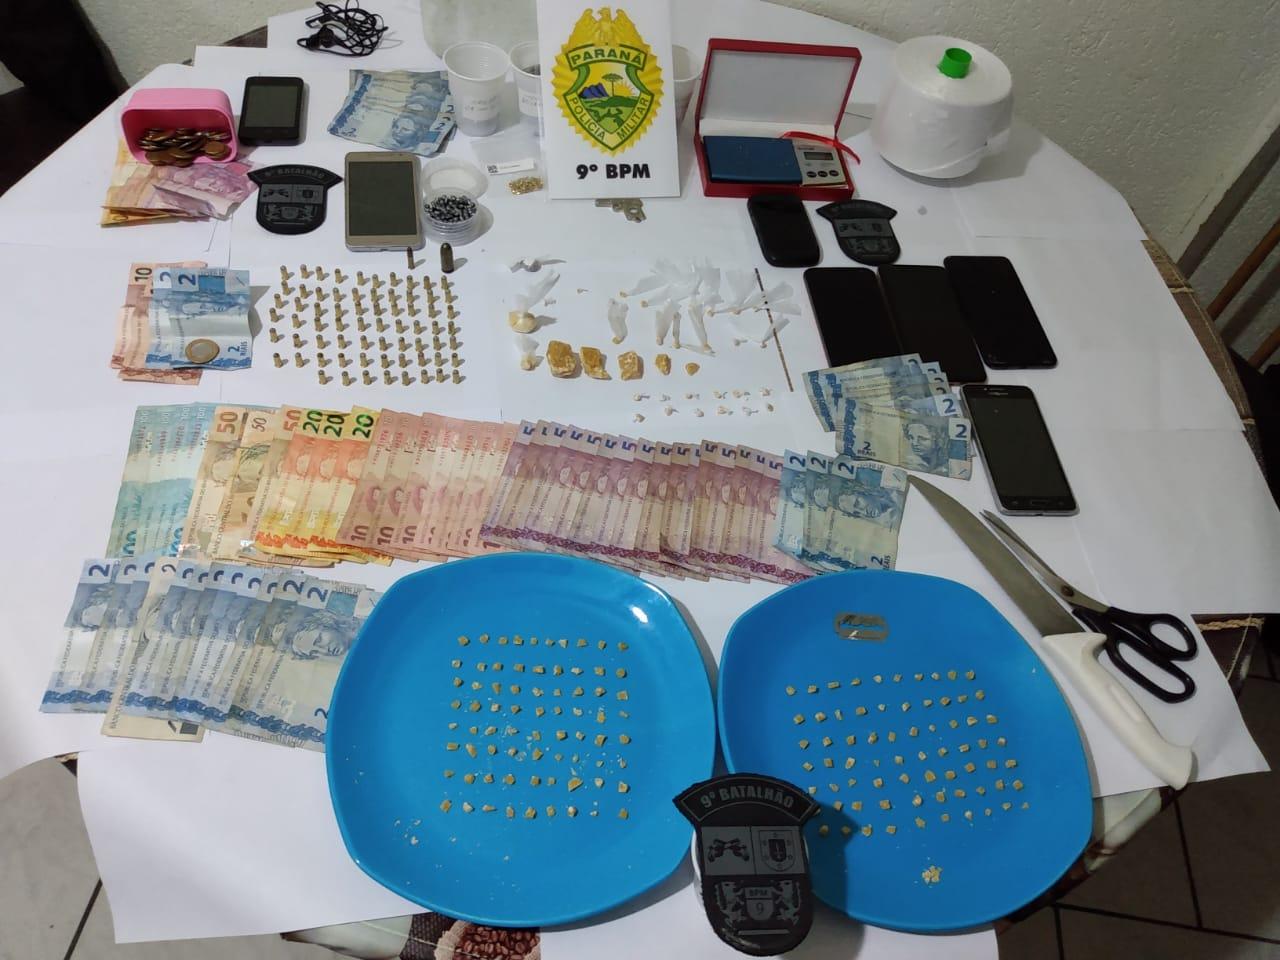 tráfico de drogas em Pontal do Paraná